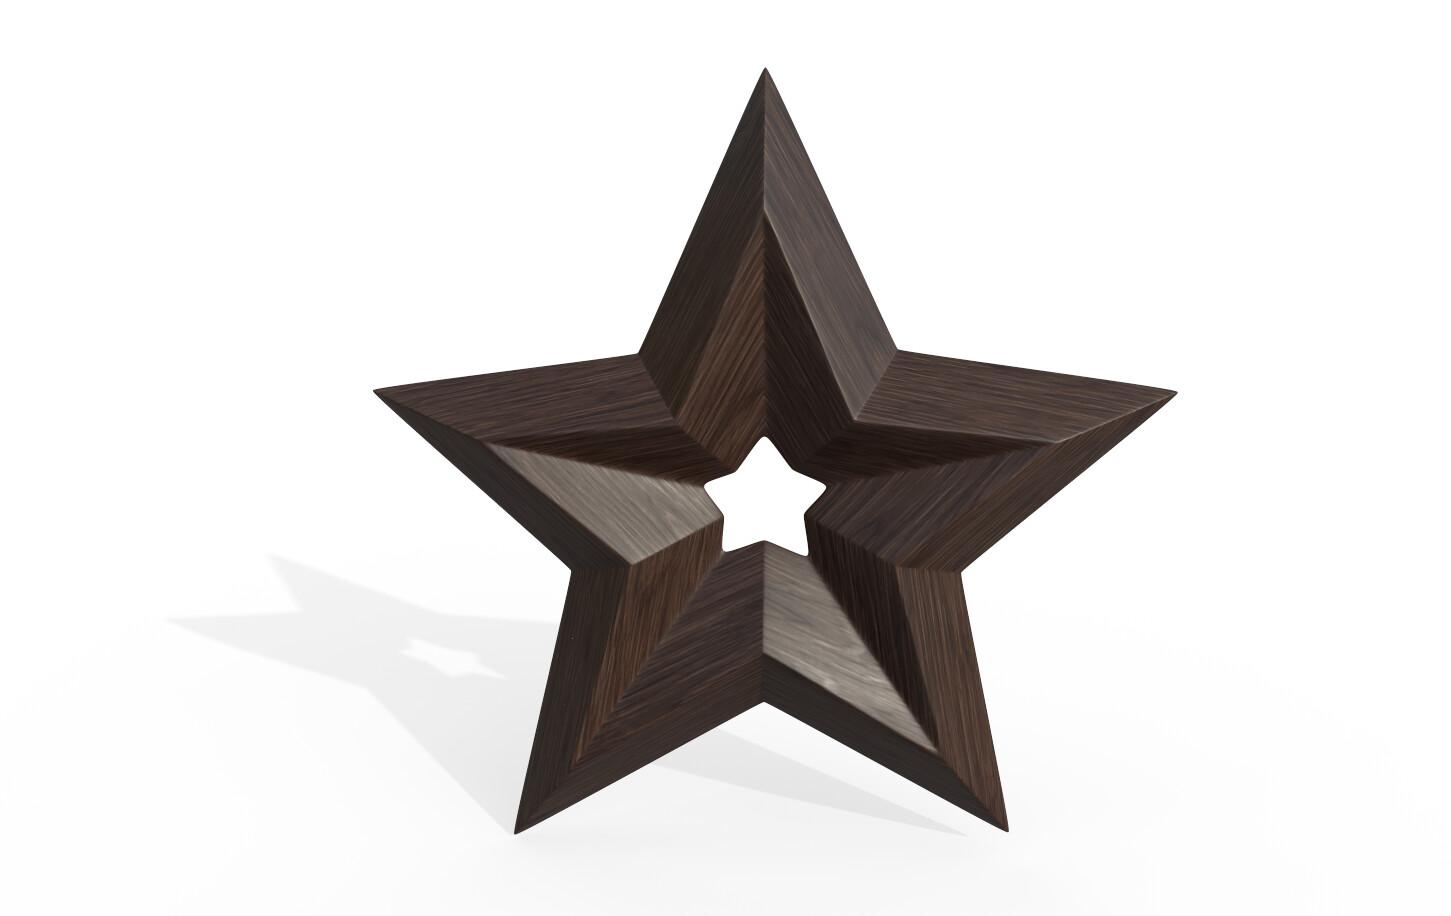 Joseph moniz star001c